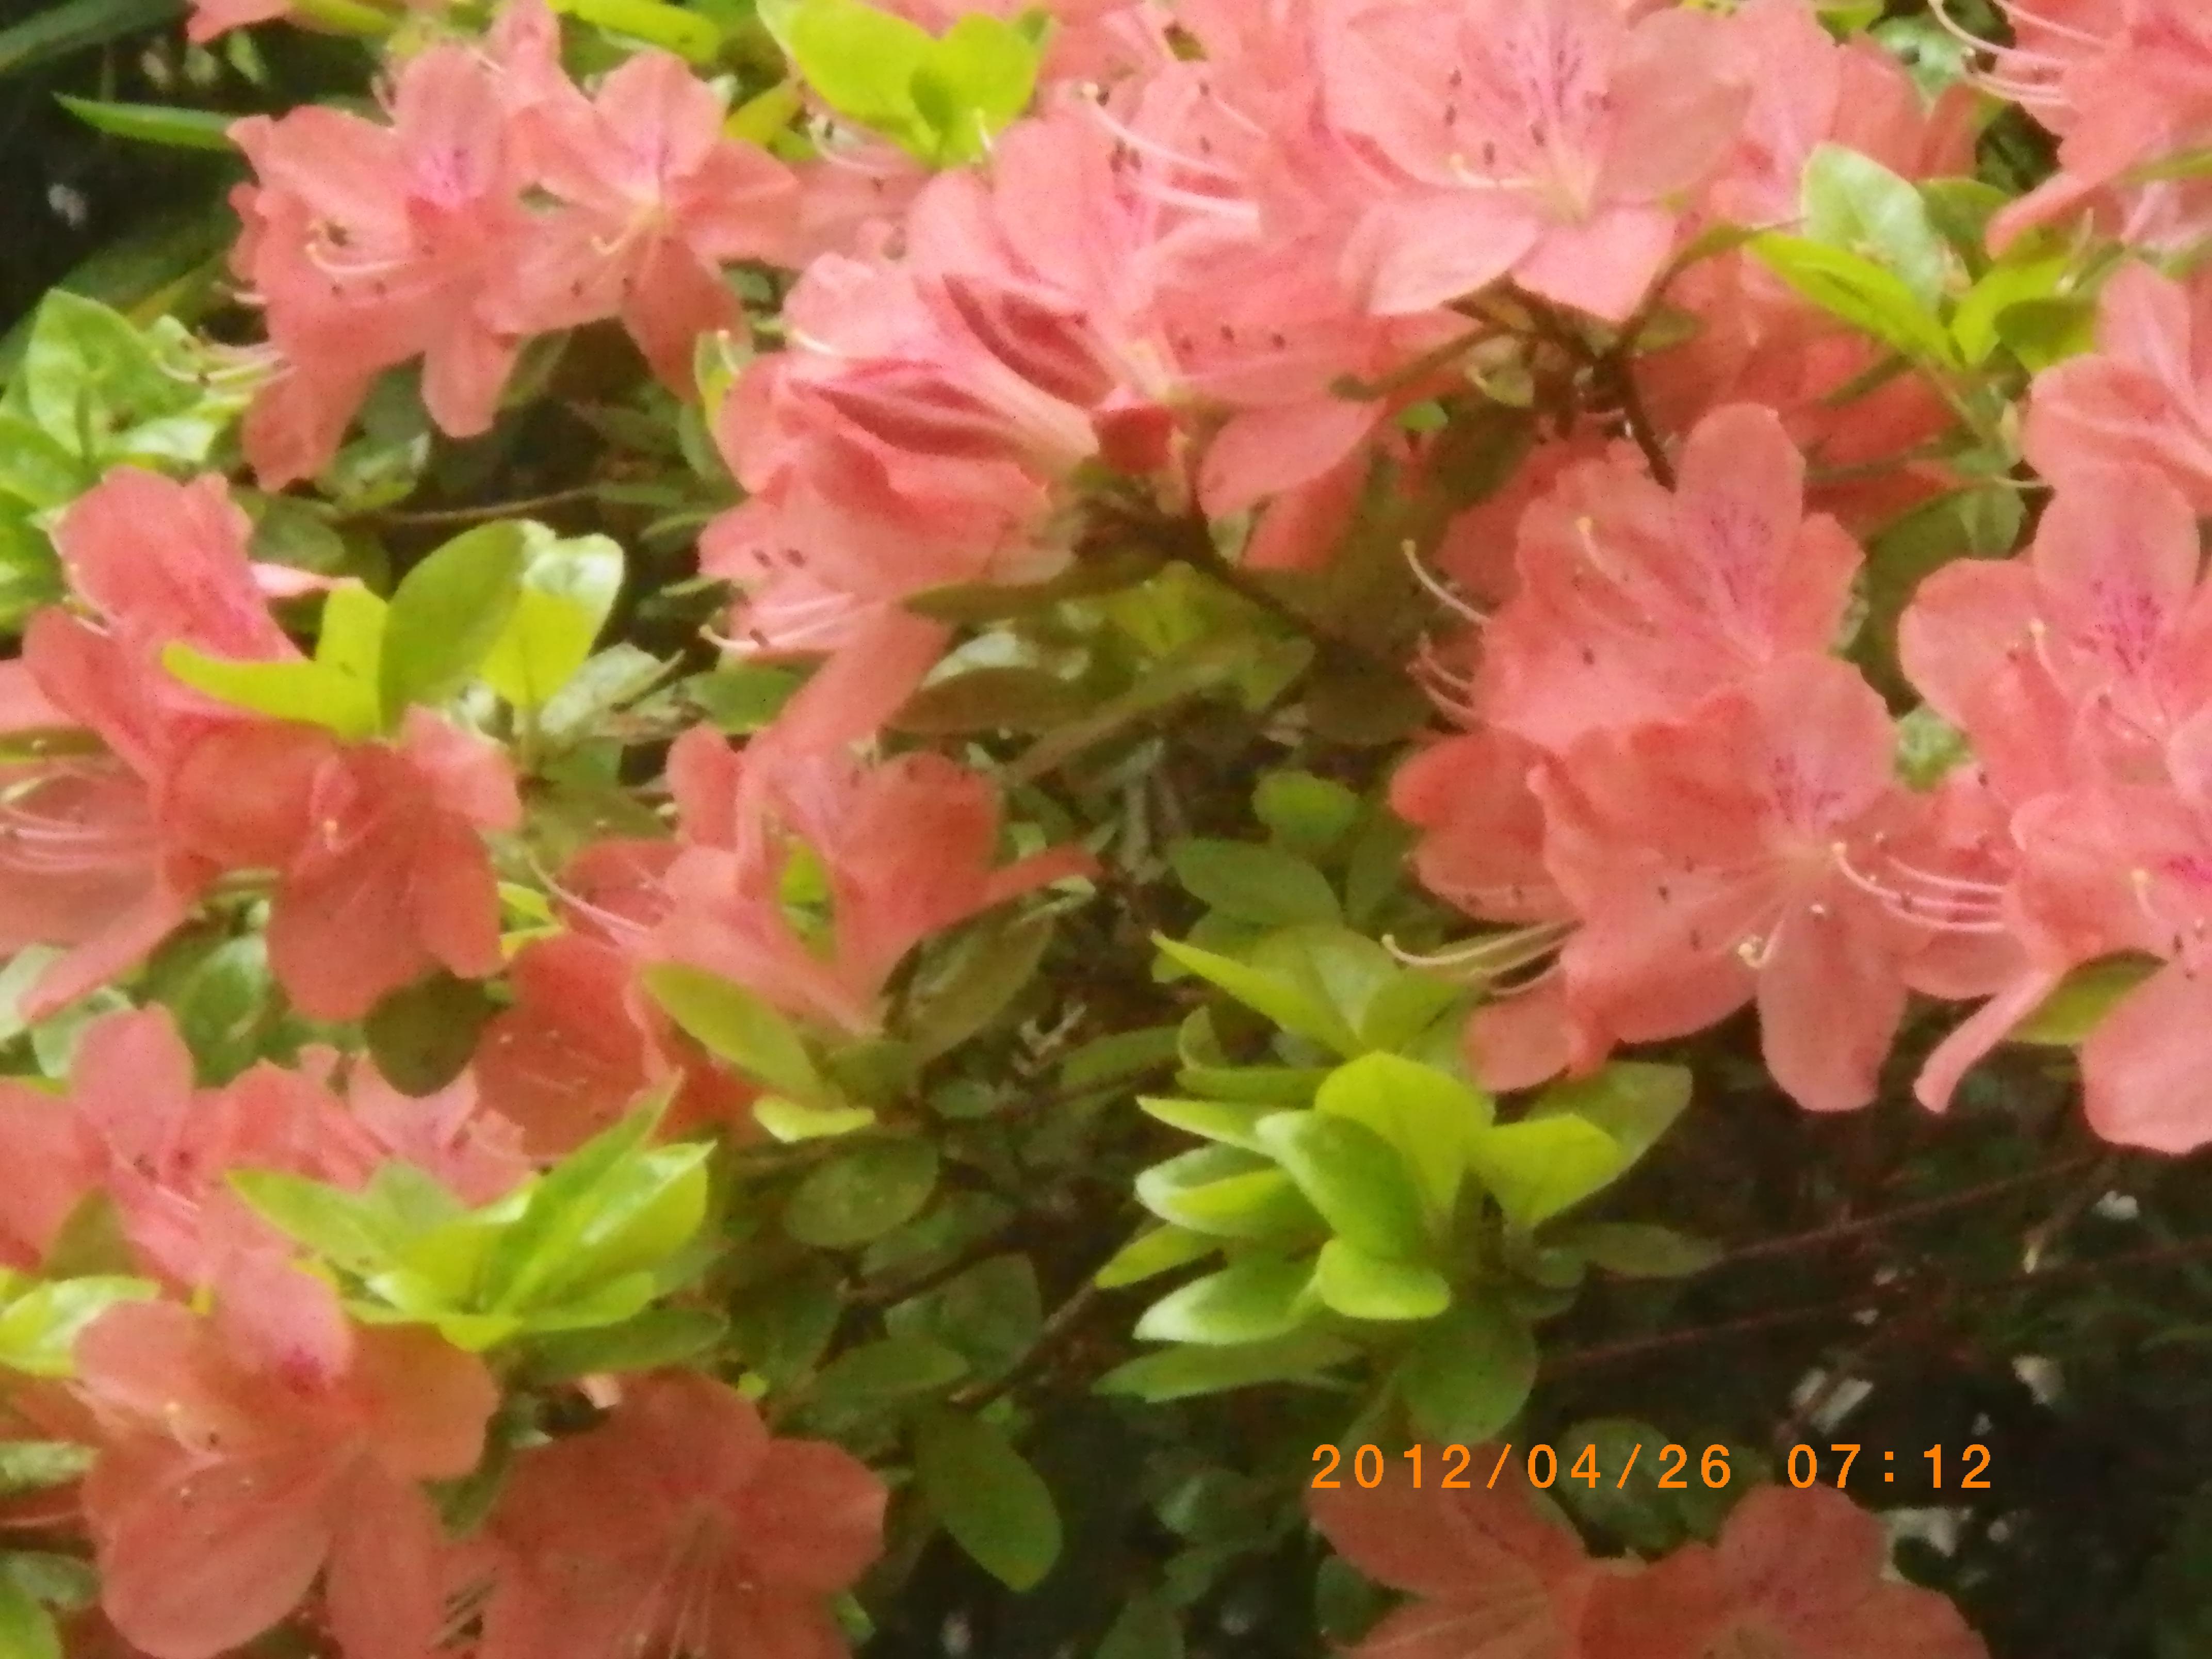 http://www.law-pro.jp/weblog/20120427.JPG